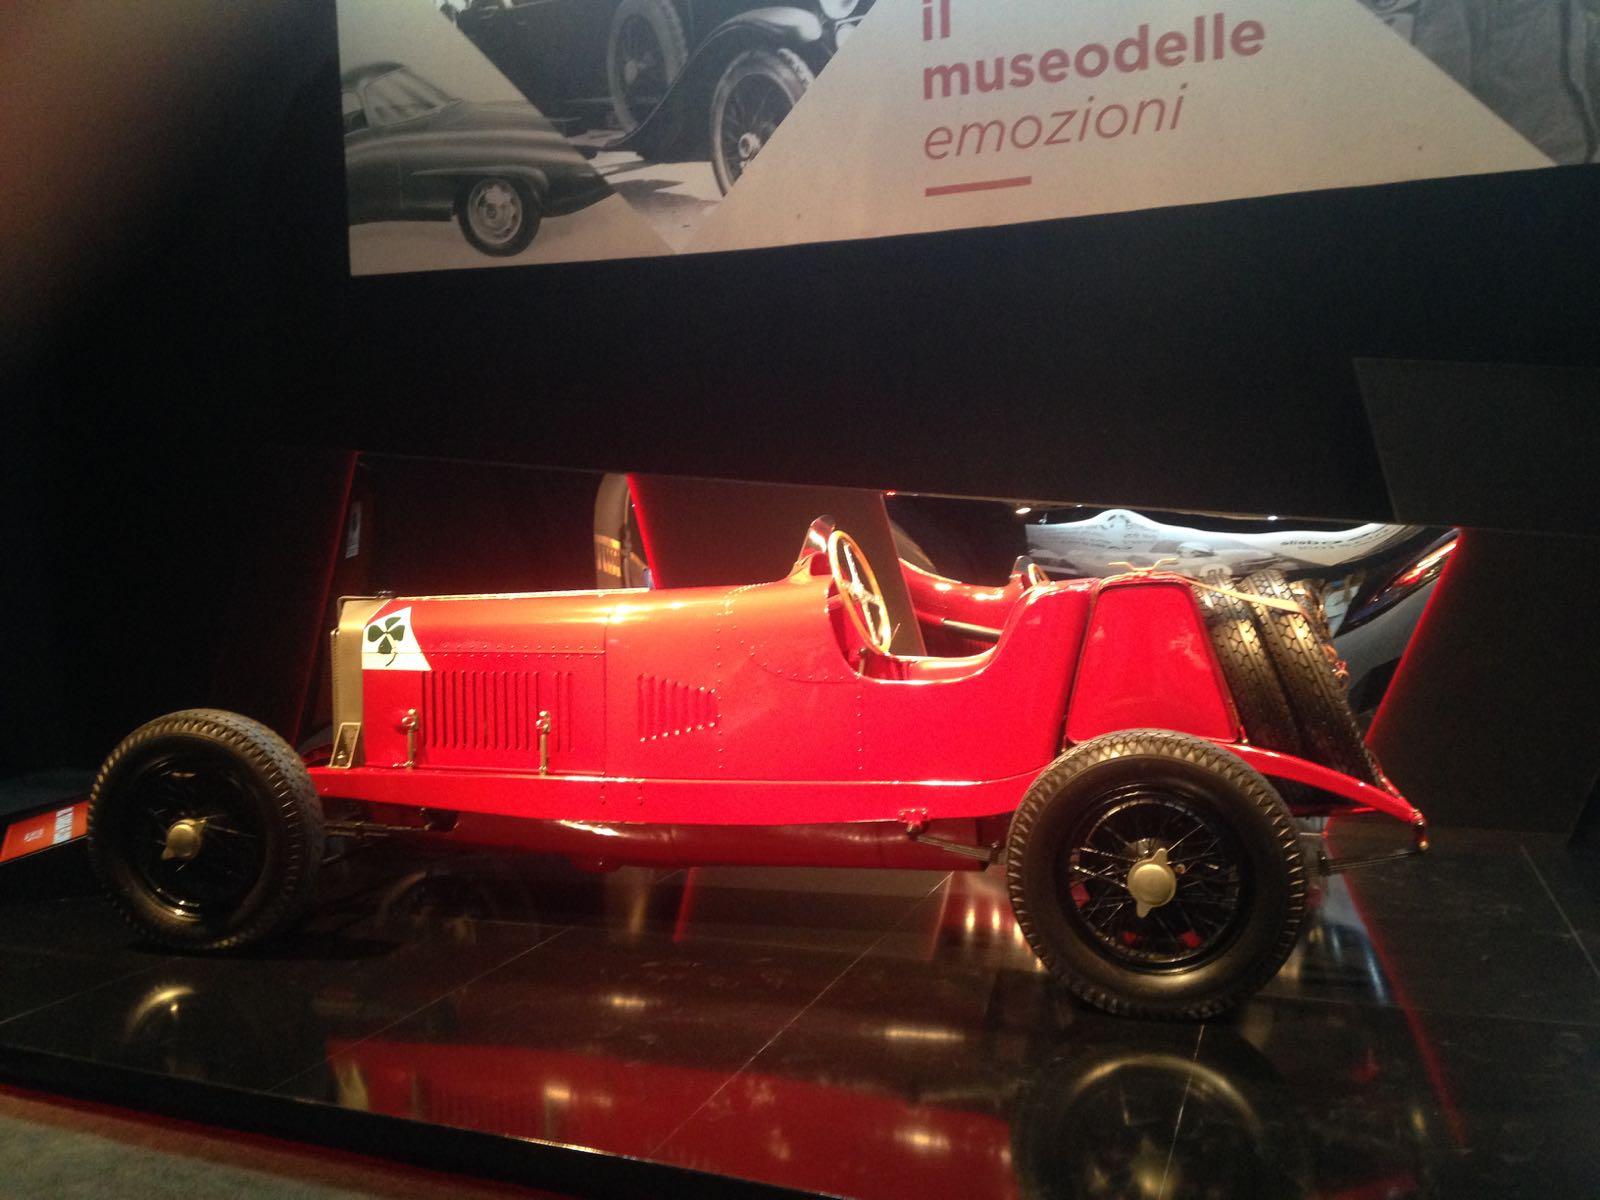 Alfa Romeo Il Museo Delle Emozioni Automitico (23)